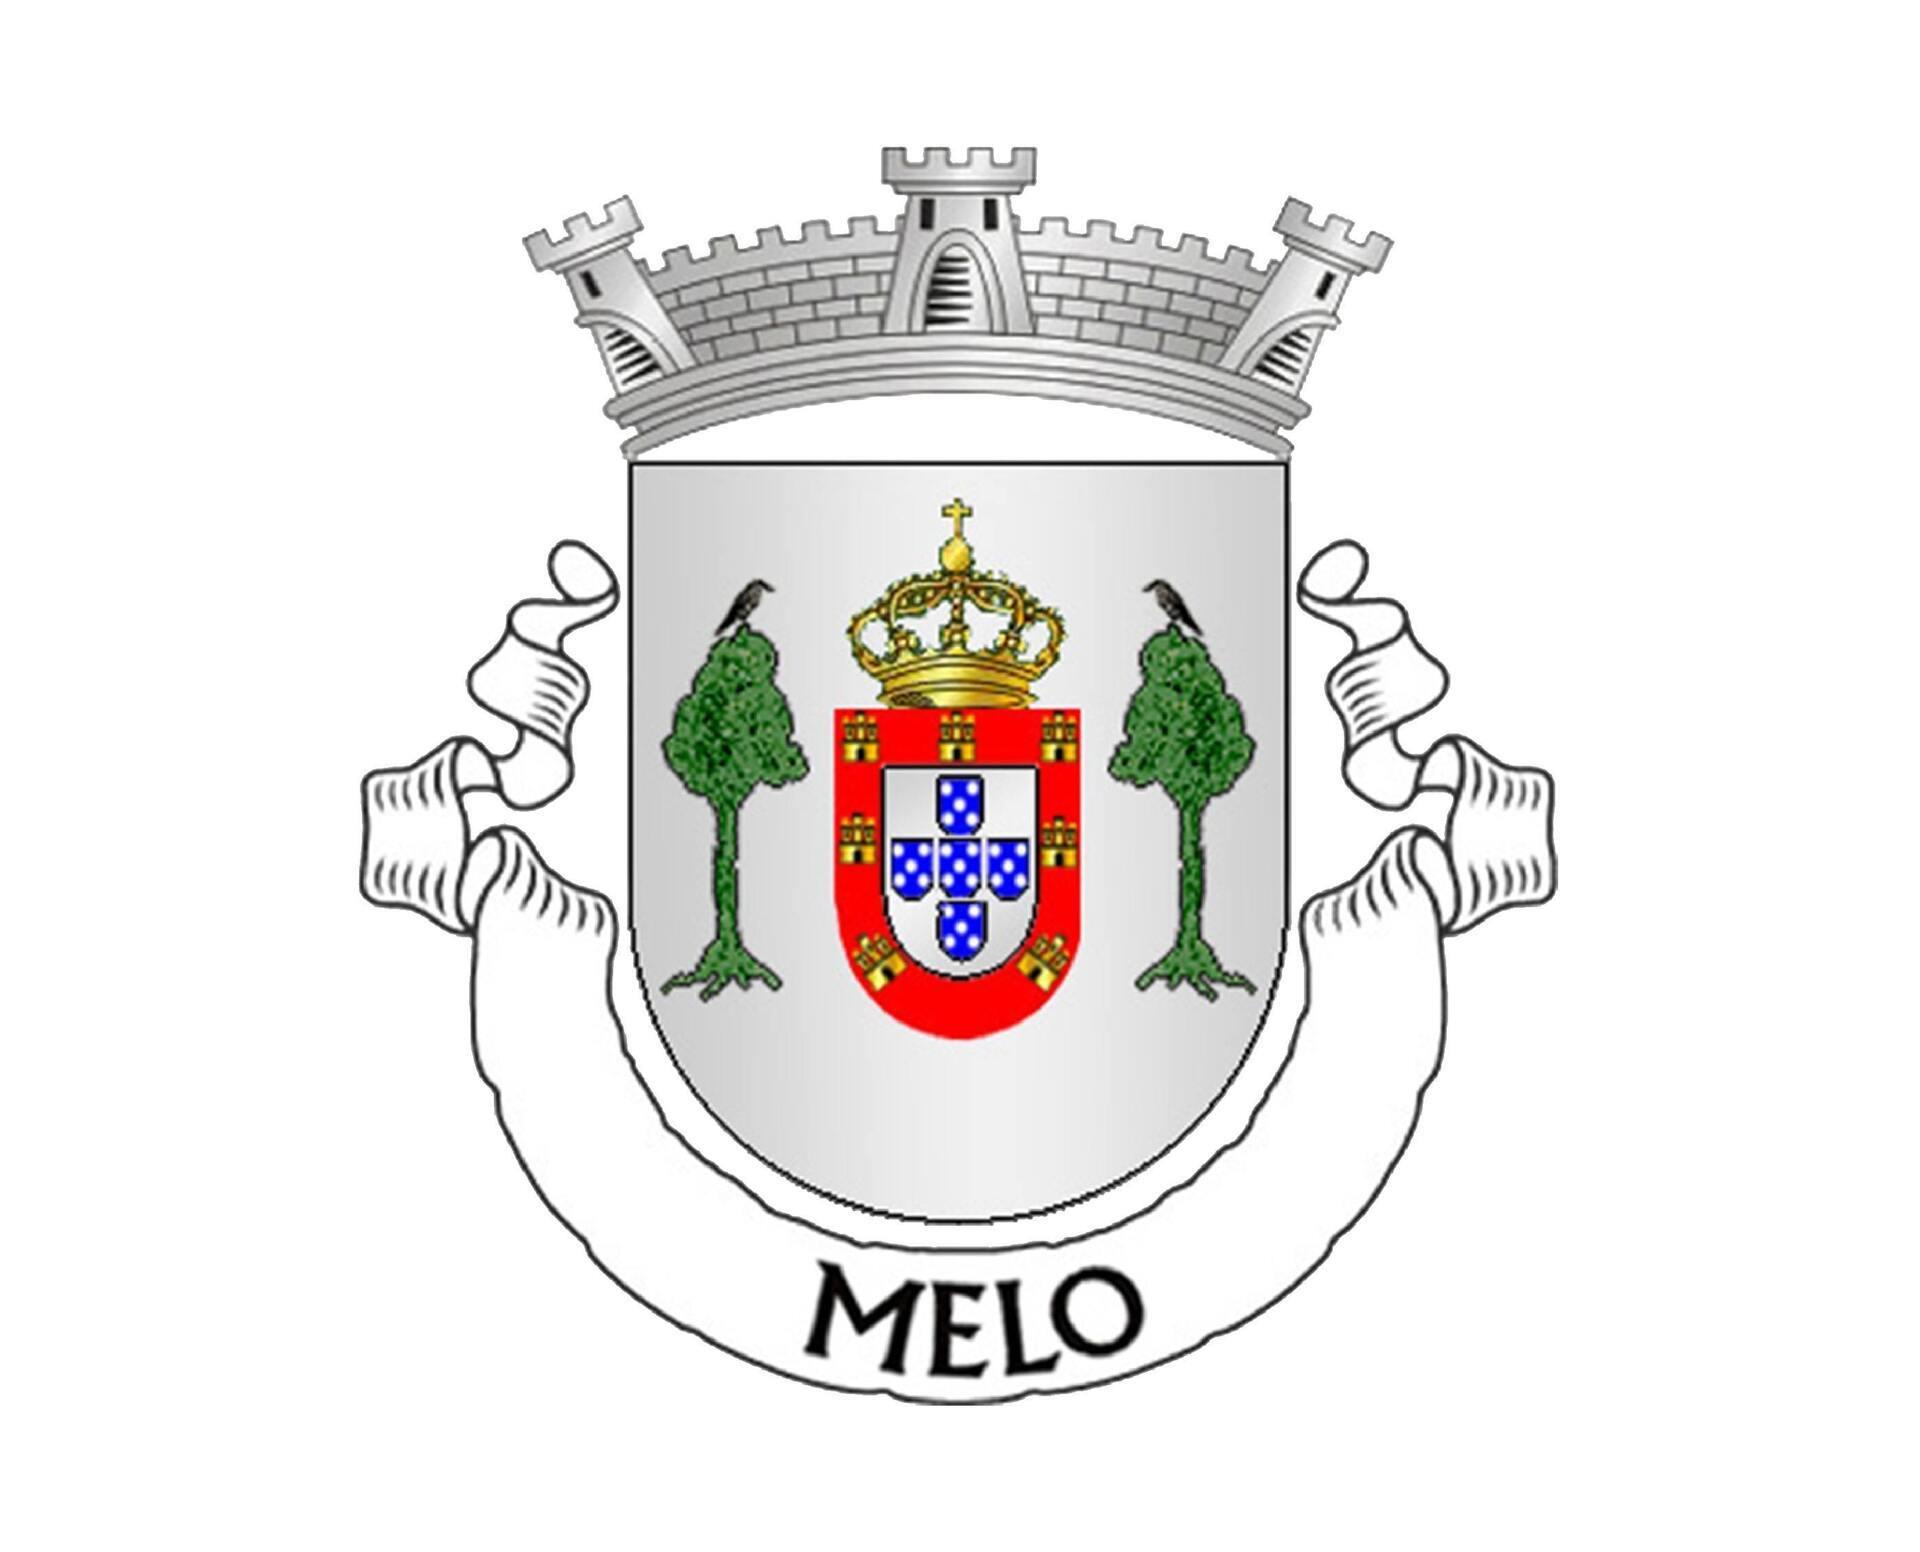 Brasão Melo